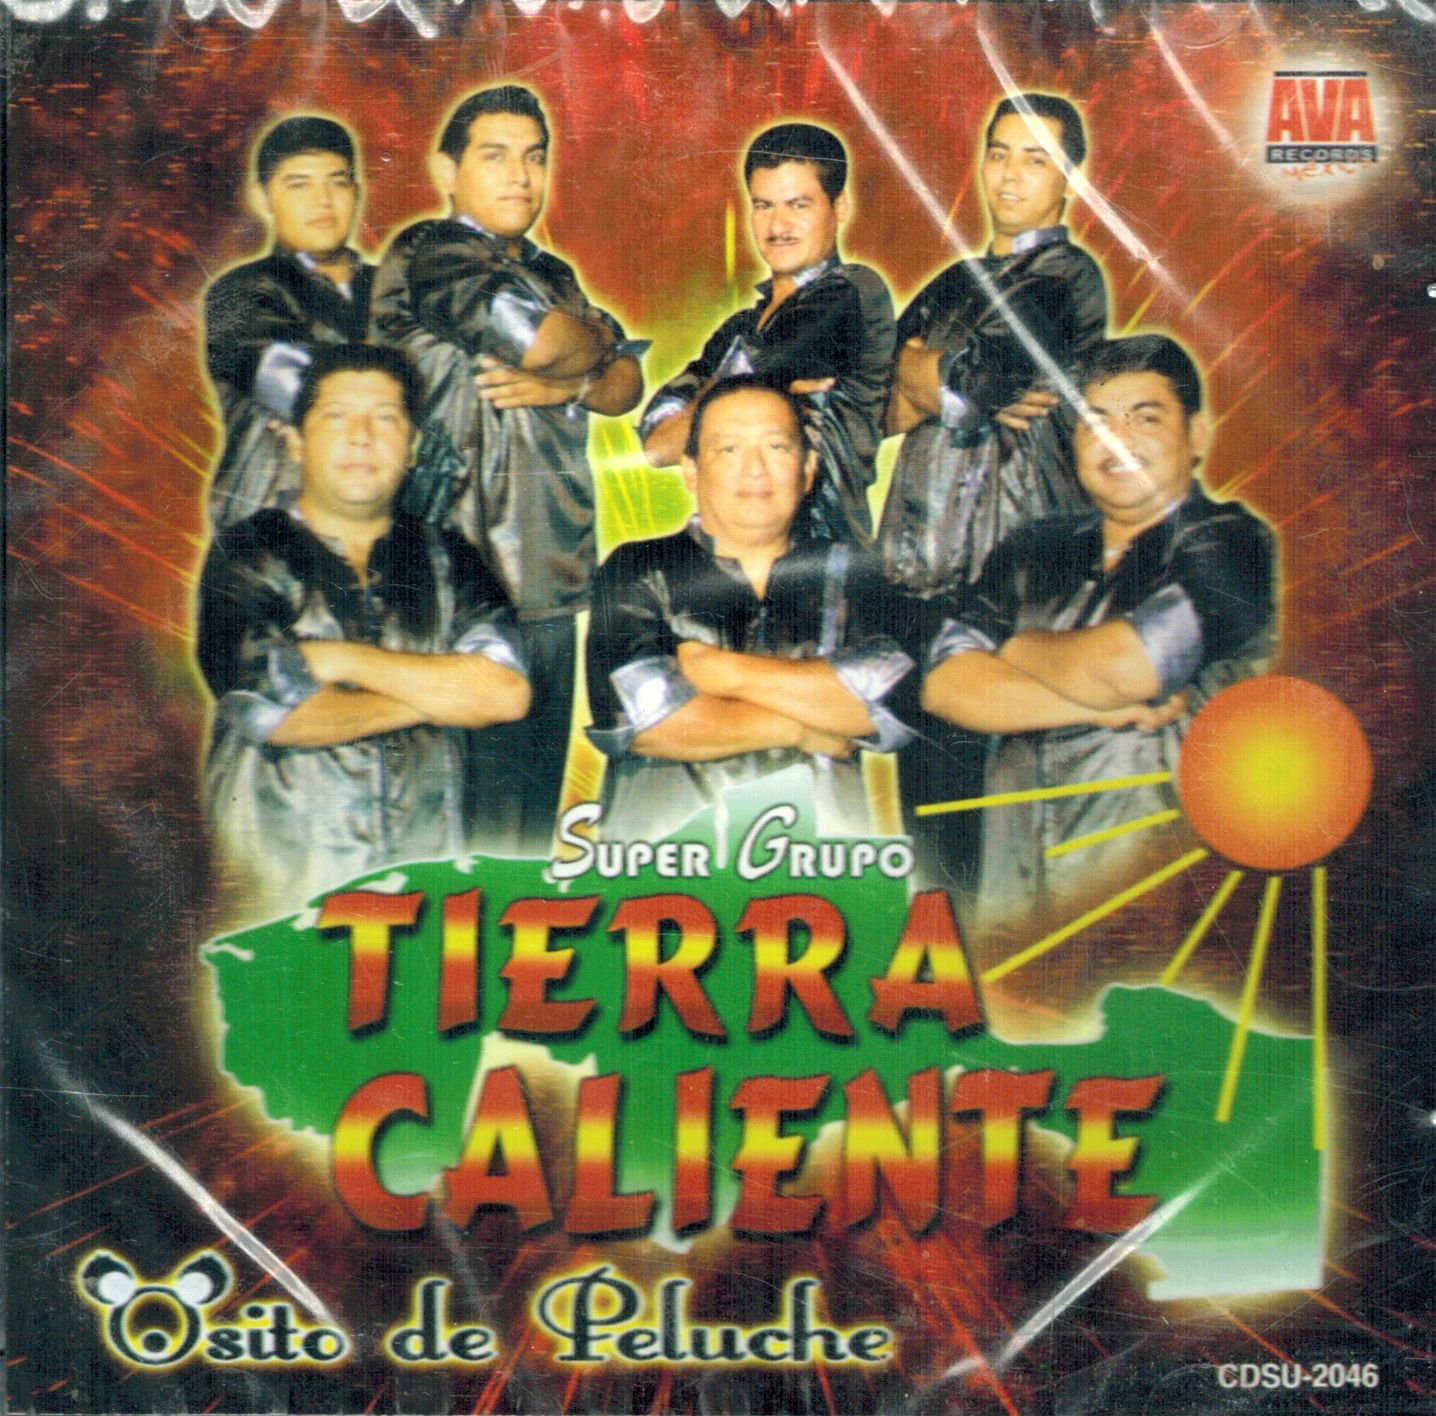 Super Grupo Tierra Caliente (Osito de Peluche) by Ava Records